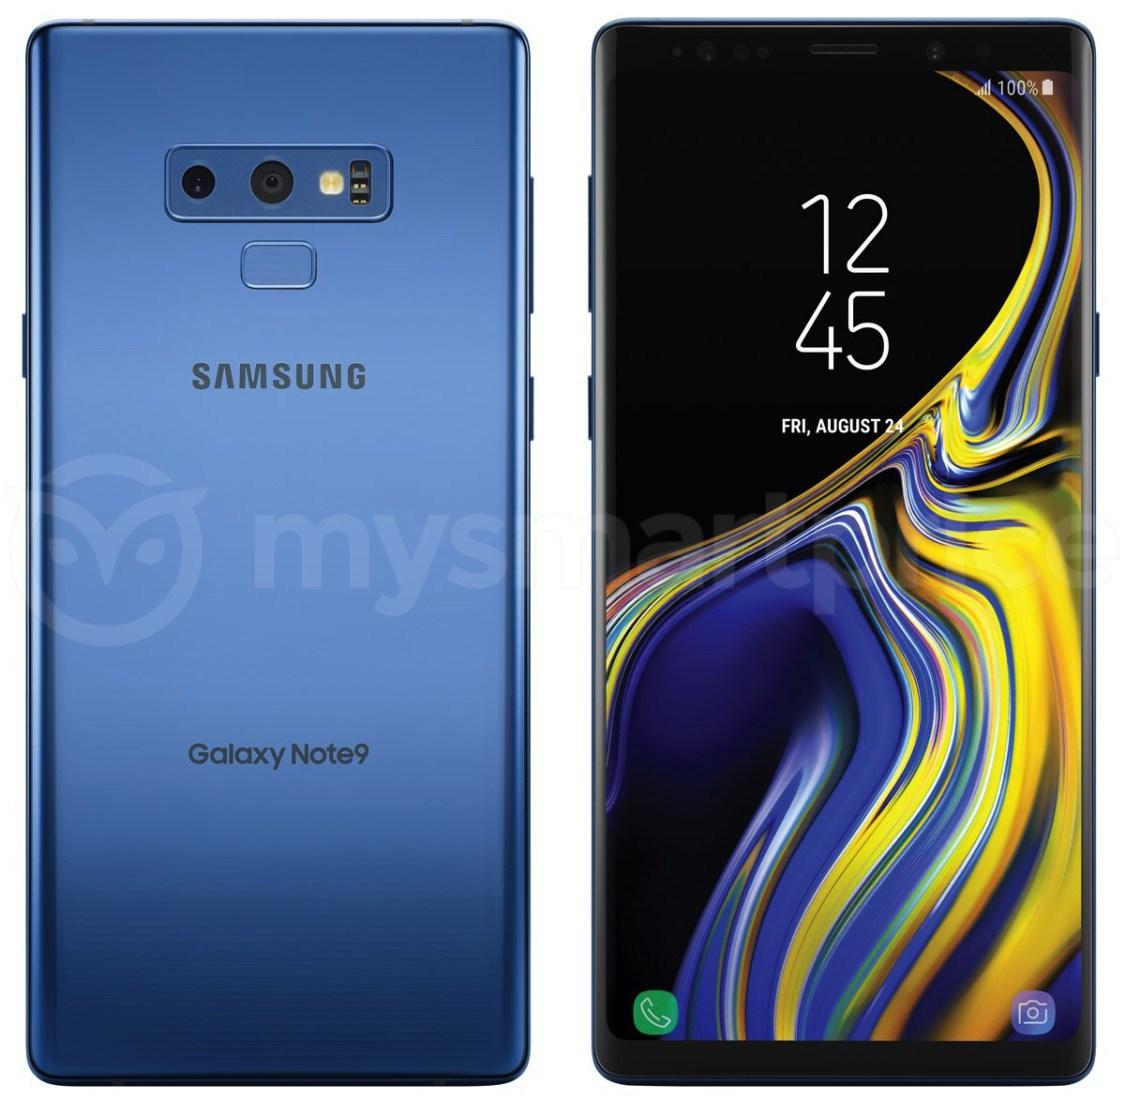 Rykte: Samsung Galaxy Note 9 på butikshyllan 24:e augusti